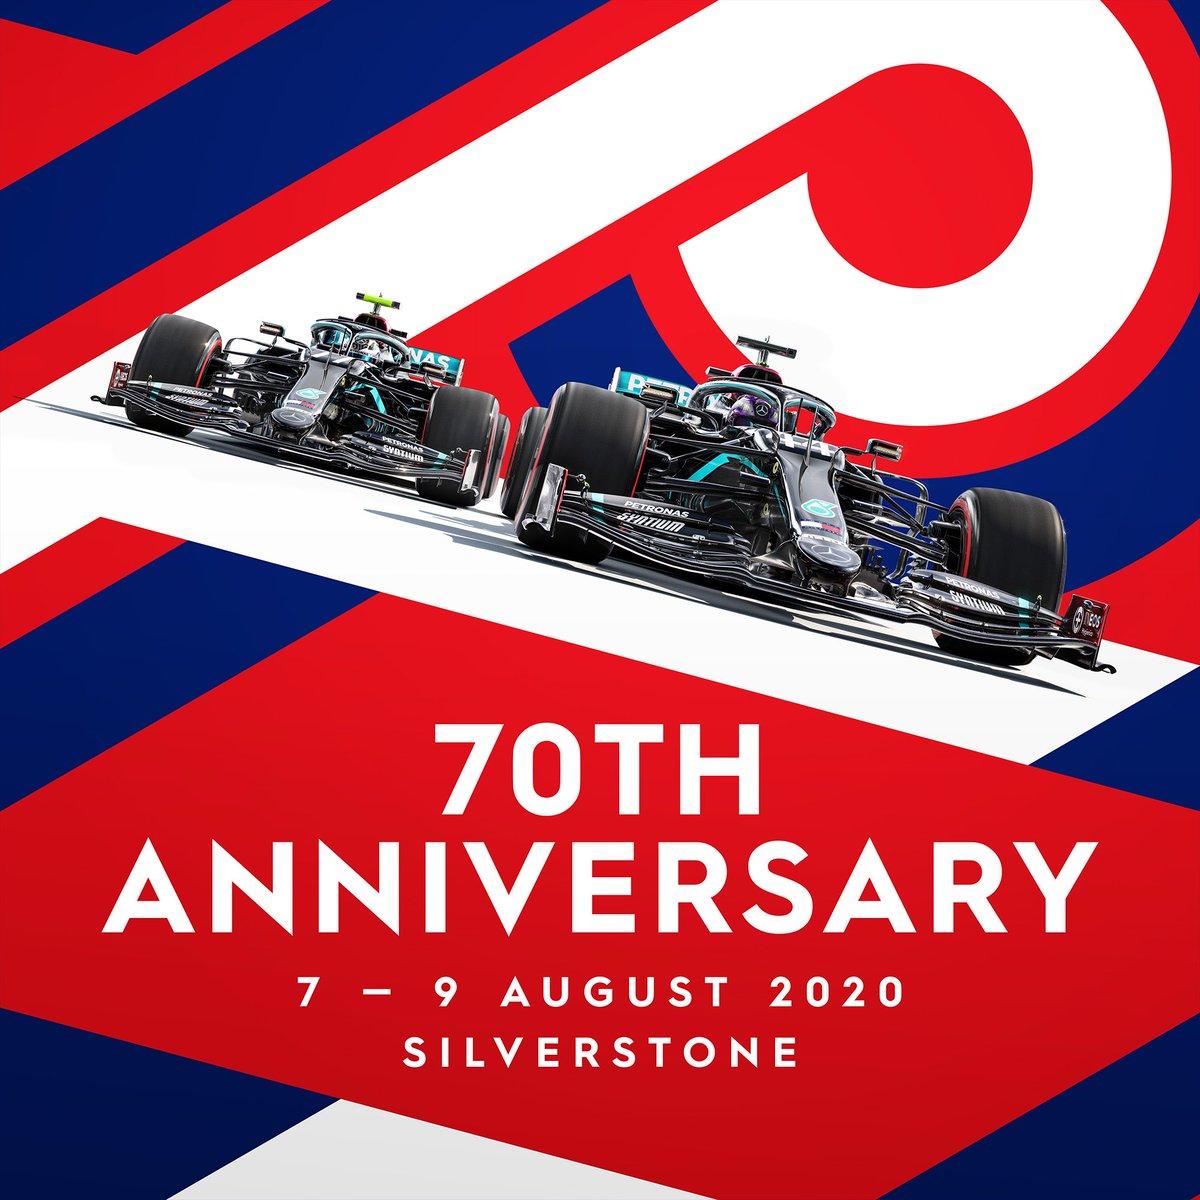 Póster de Mercedes para el #F170 aniversario #f1 #f12020 #BritishGP https://t.co/9Sx6ucxN9H